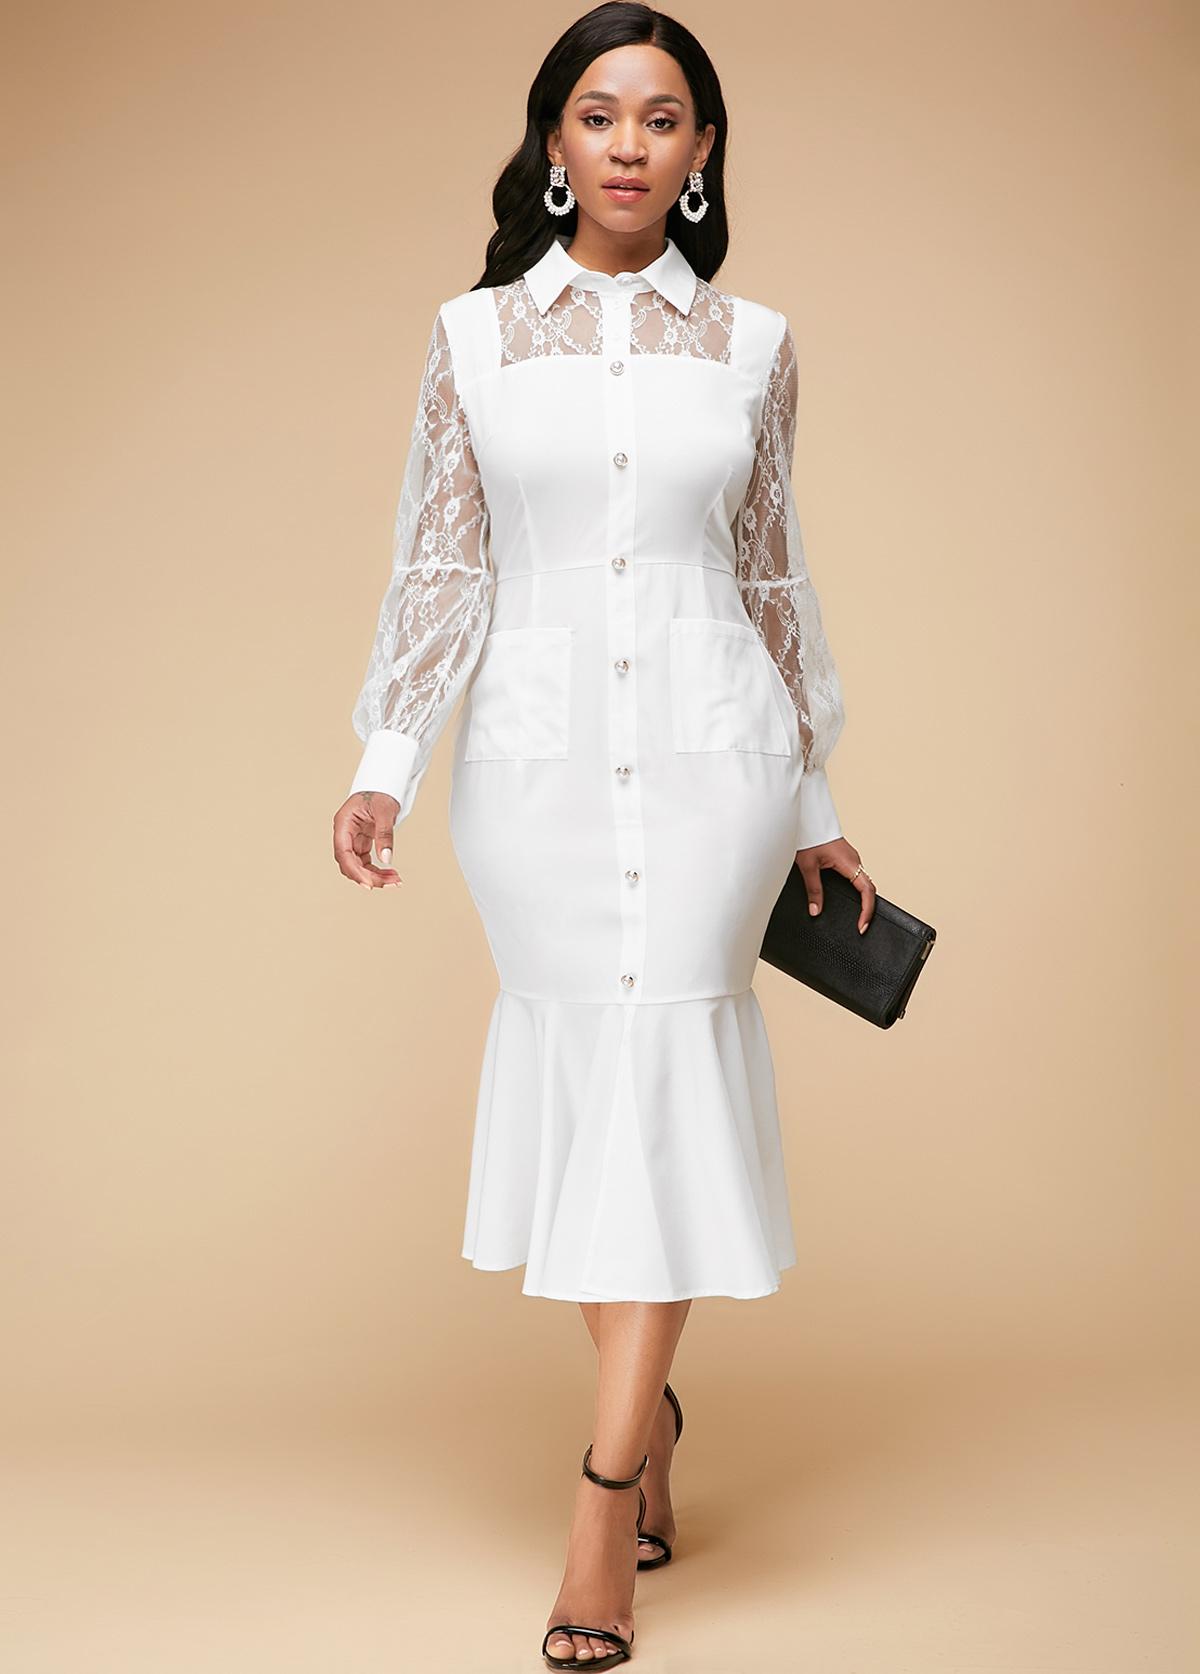 Lace Panel White Ruffle Hem Dress